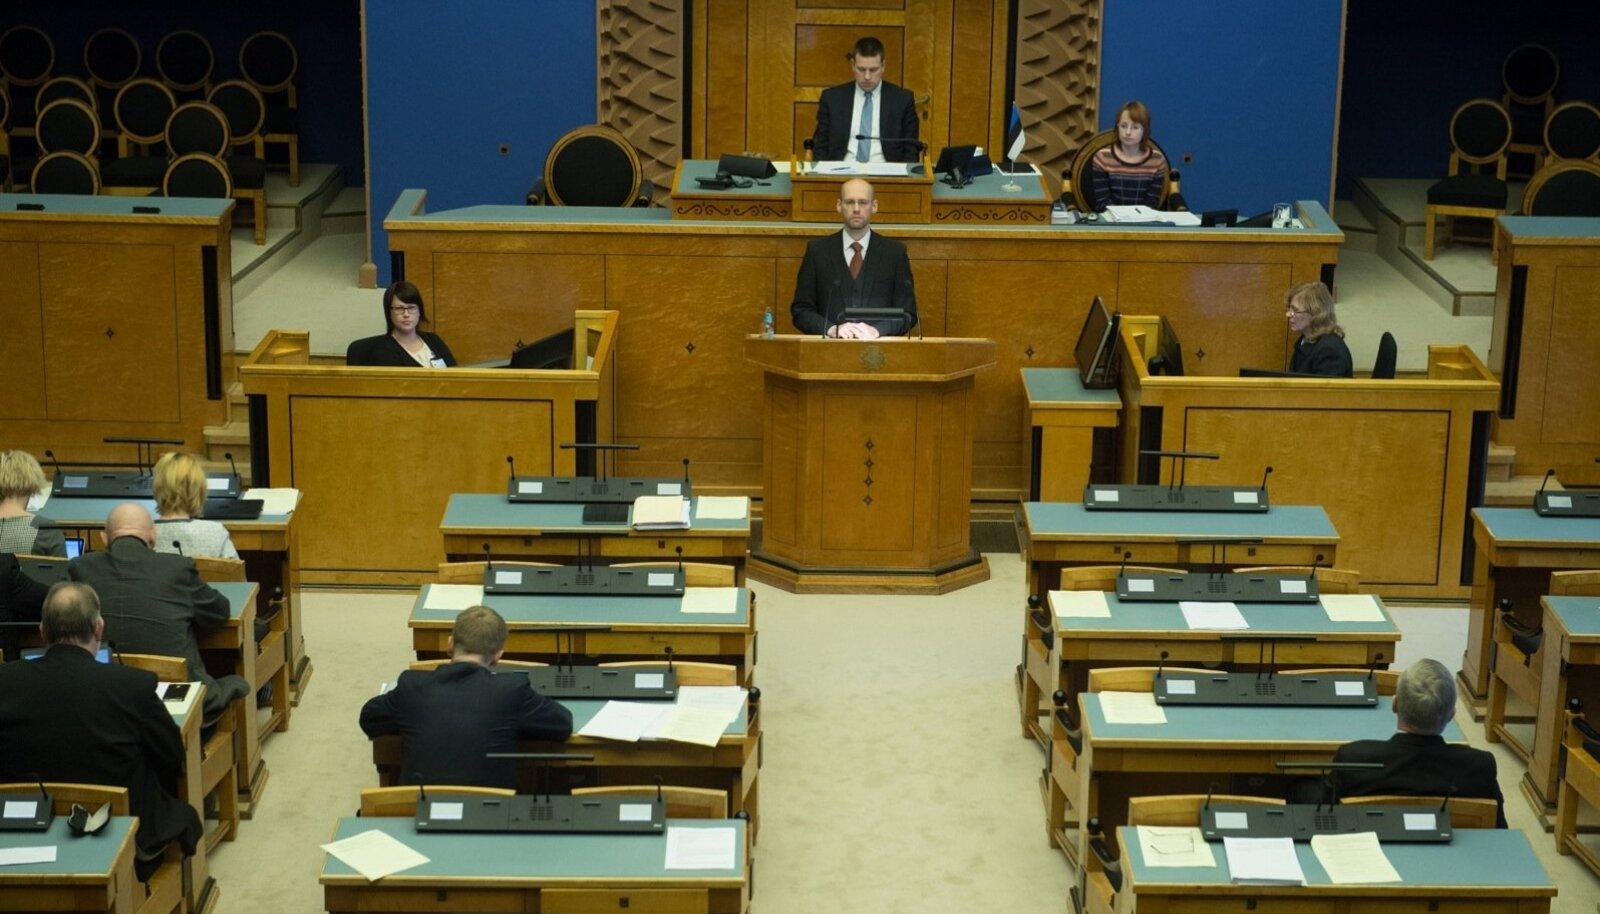 Varro Vooglaid, Eesti vabariigi suverräänsuse arutelu